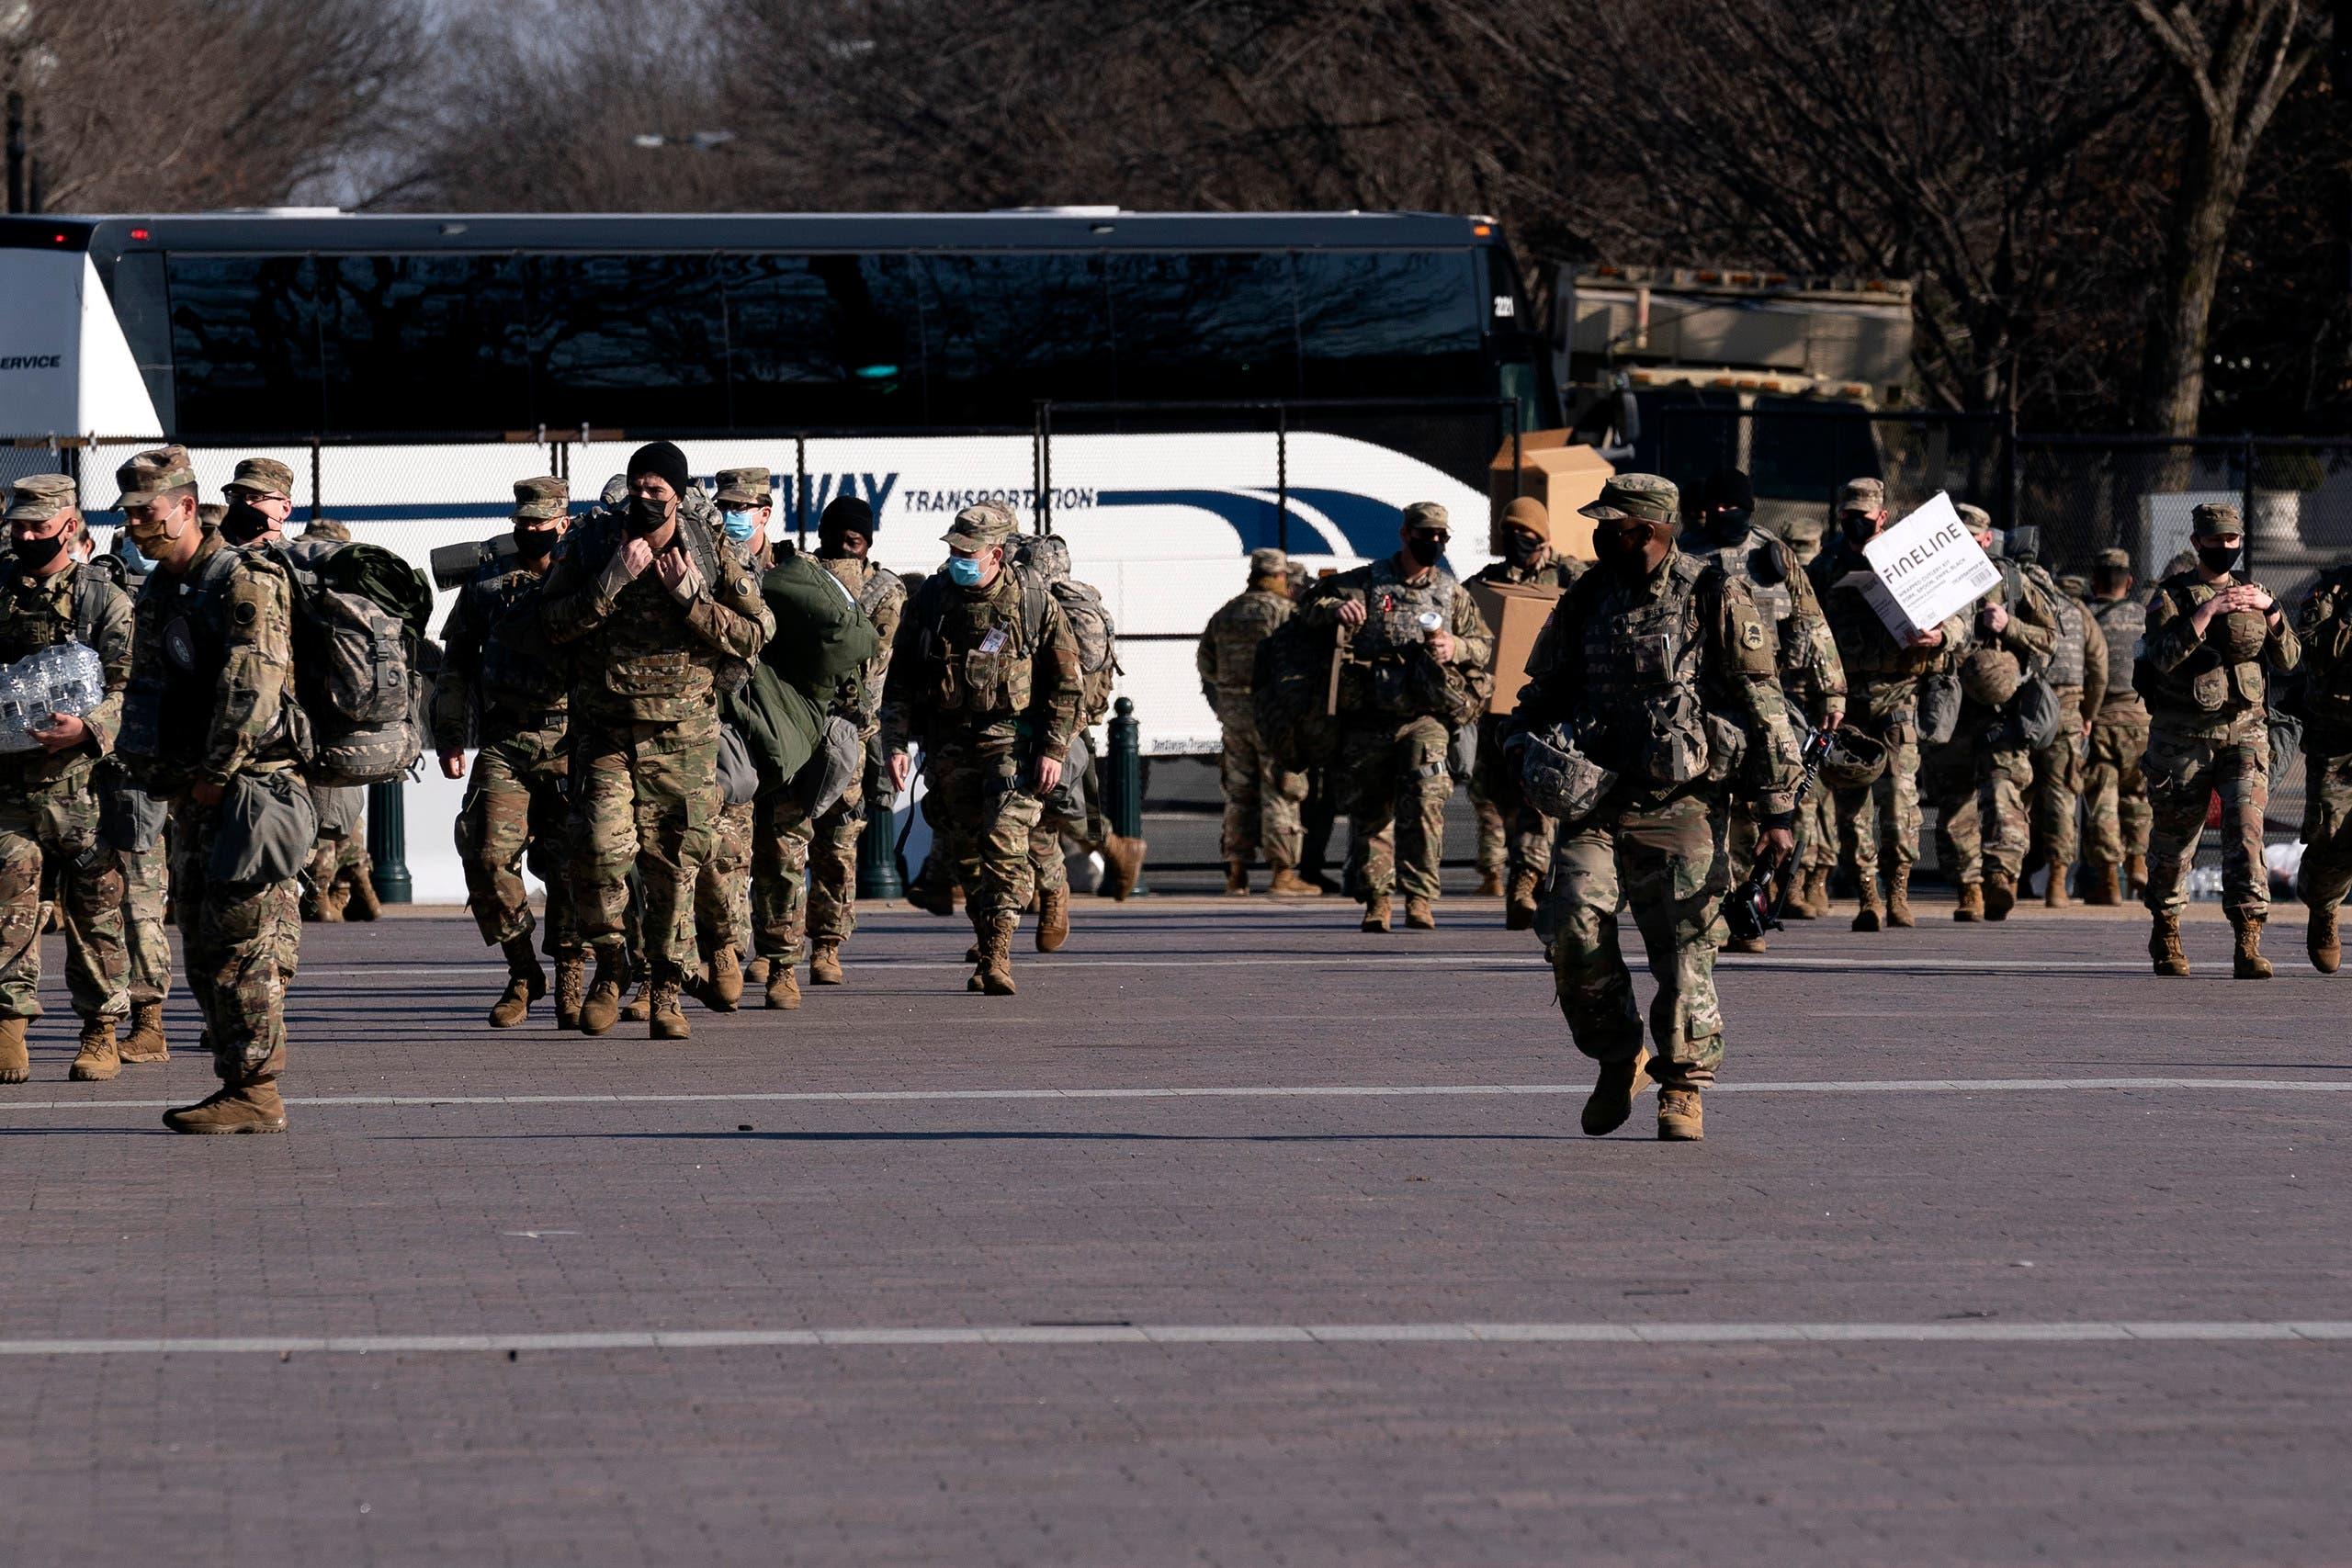 أفراد من الحرس الوطني الأميركي  في واشنطن